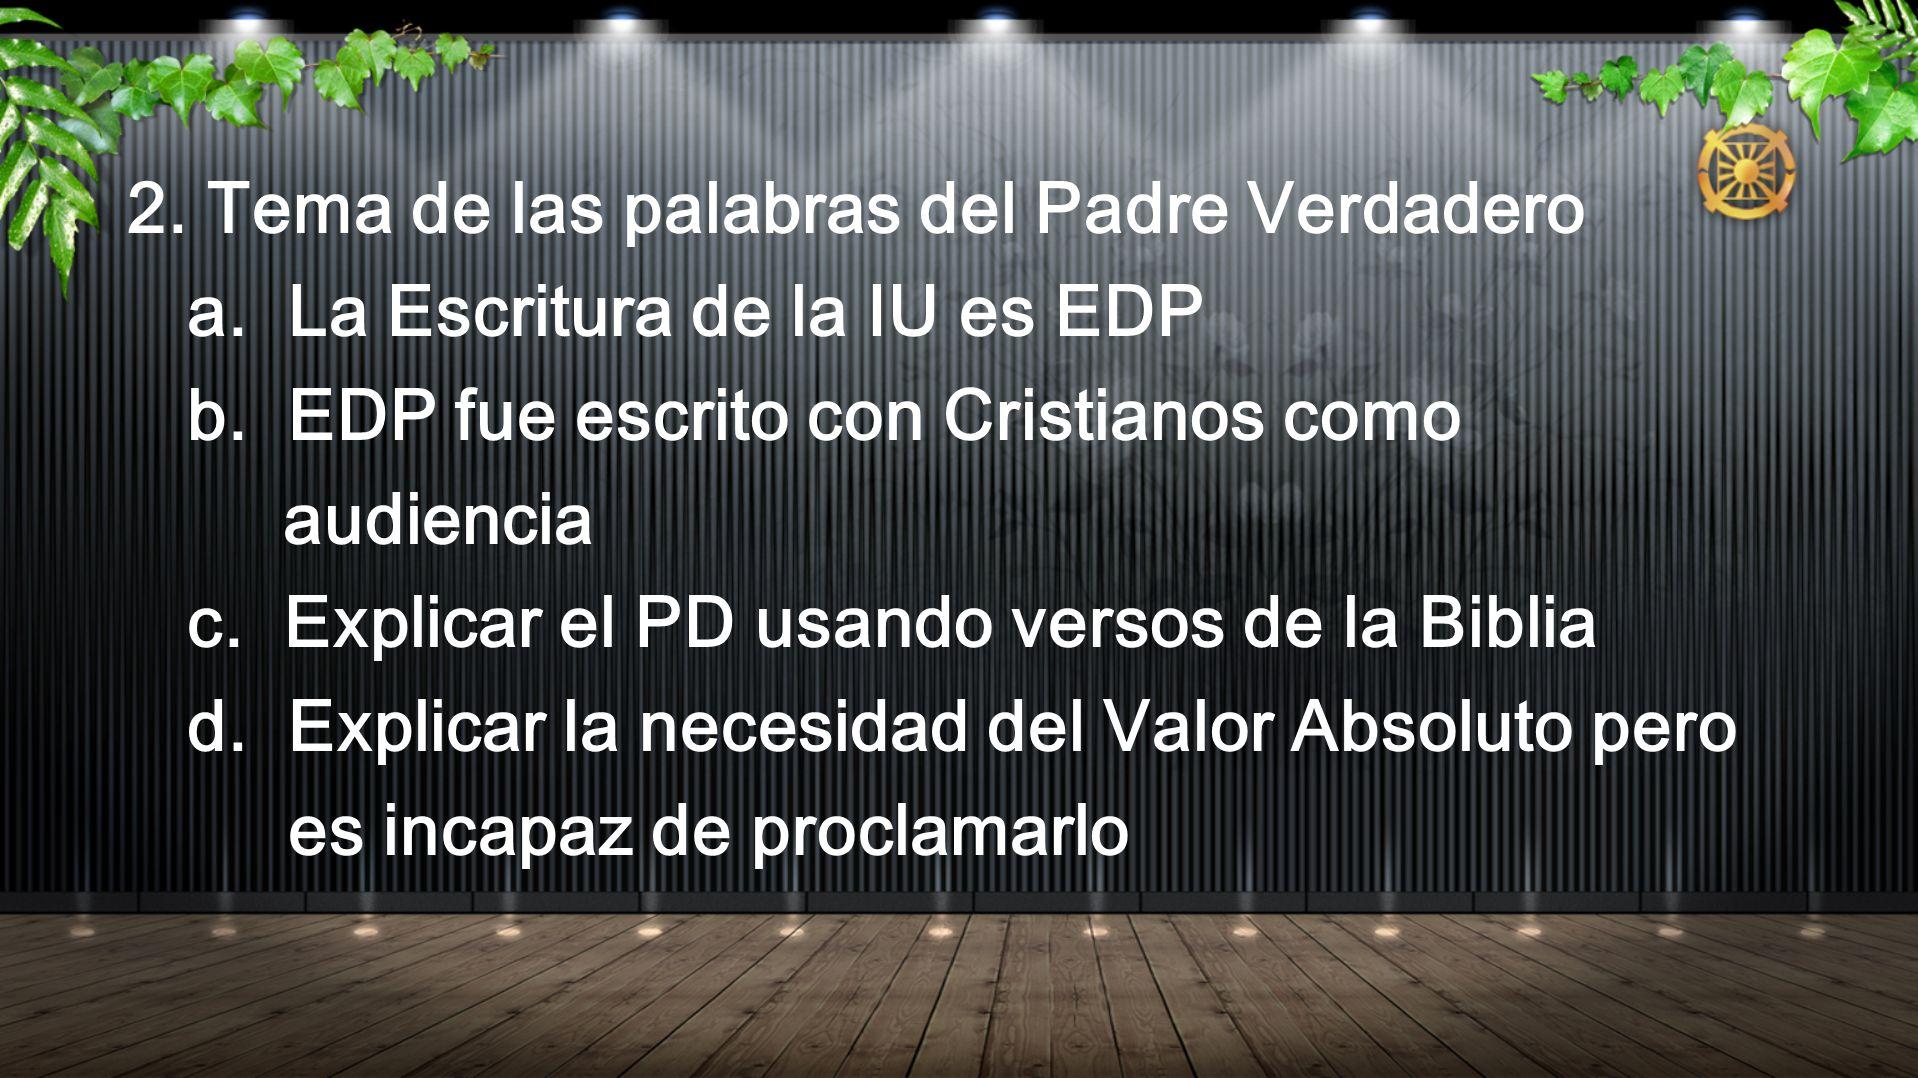 2. Tema de las palabras del Padre Verdadero a. La Escritura de la IU es EDP b. EDP fue escrito con Cristianos como audiencia c. Explicar el PD usando